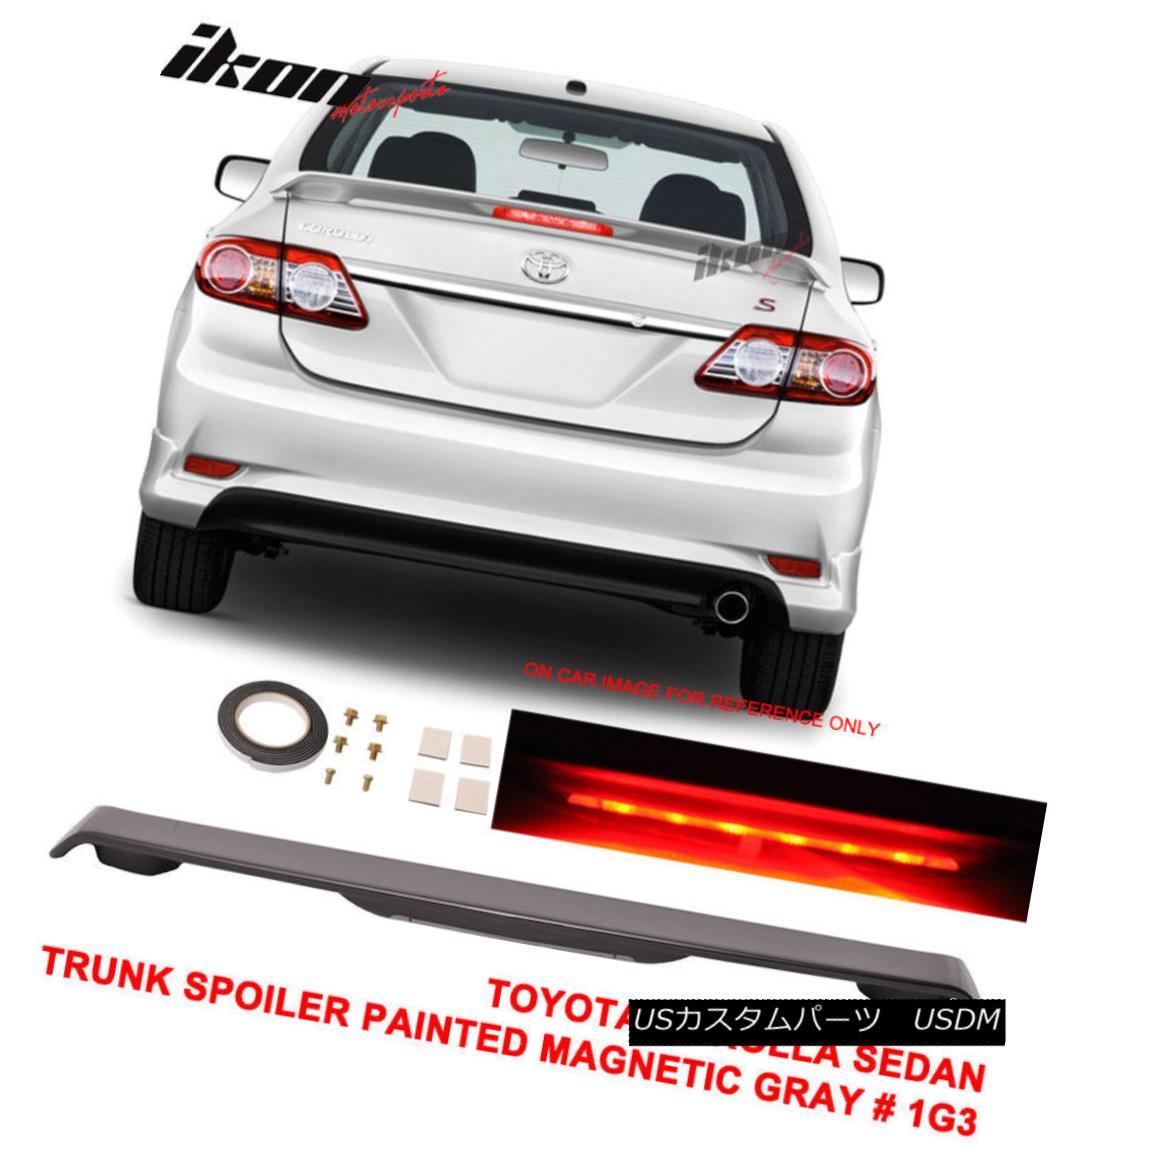 エアロパーツ 09-13 Toyota Corolla 4D Trunk Spoiler Painted Magnetic Gray # 1G3 LED Light 09-13トヨタカローラ4Dトランクスポイラー塗装磁気グレー#1G3 LEDライト